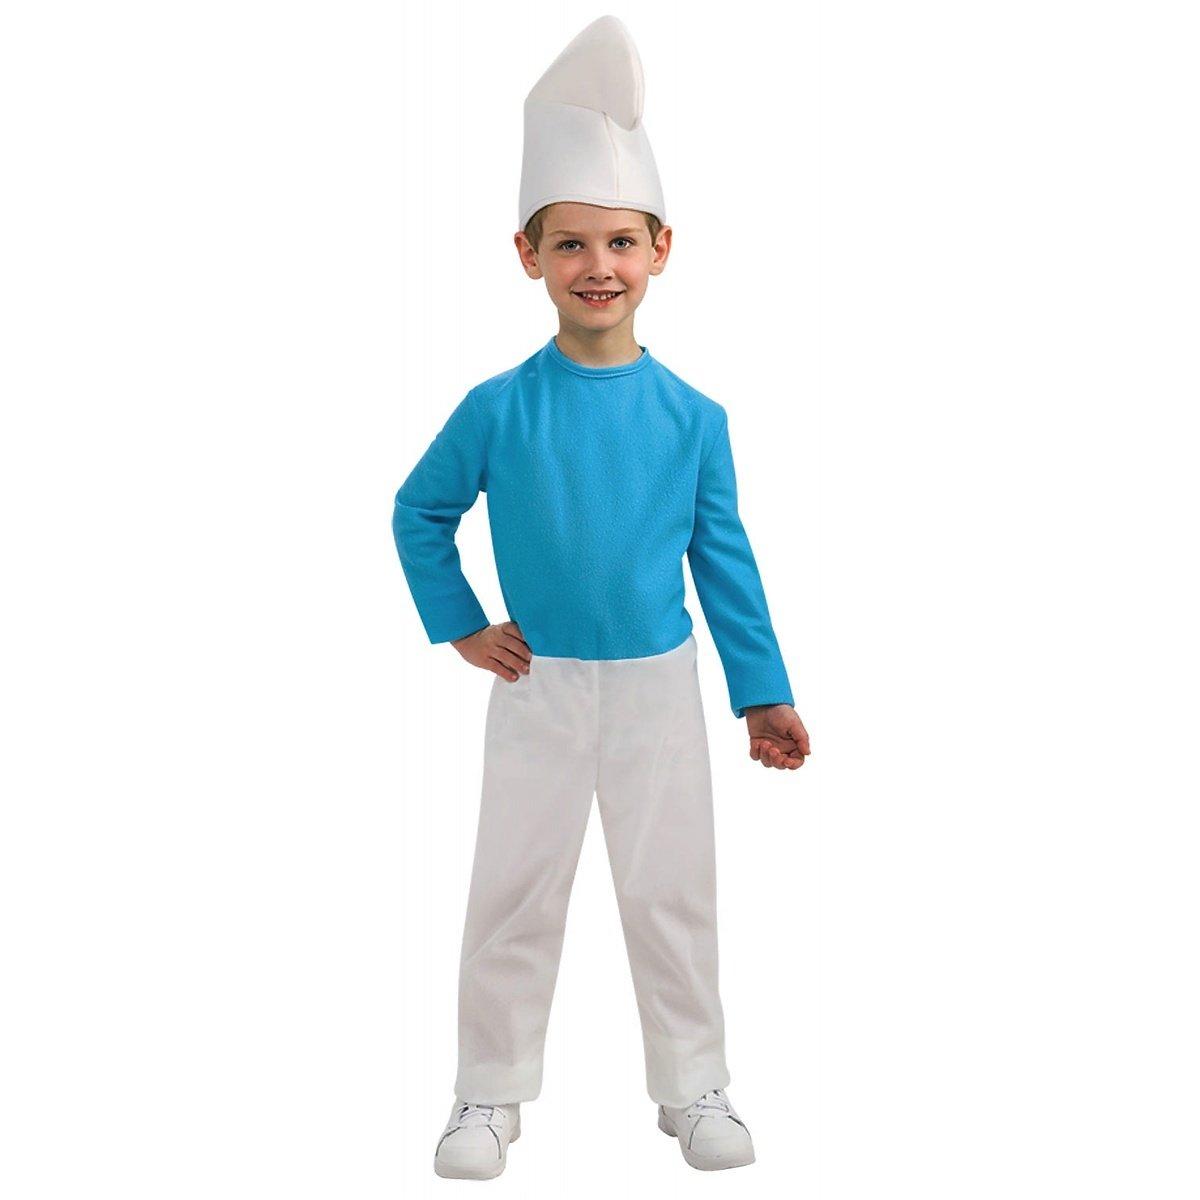 Amazon.com: Disfraz de pitufo niño Tamaño Grande: Clothing